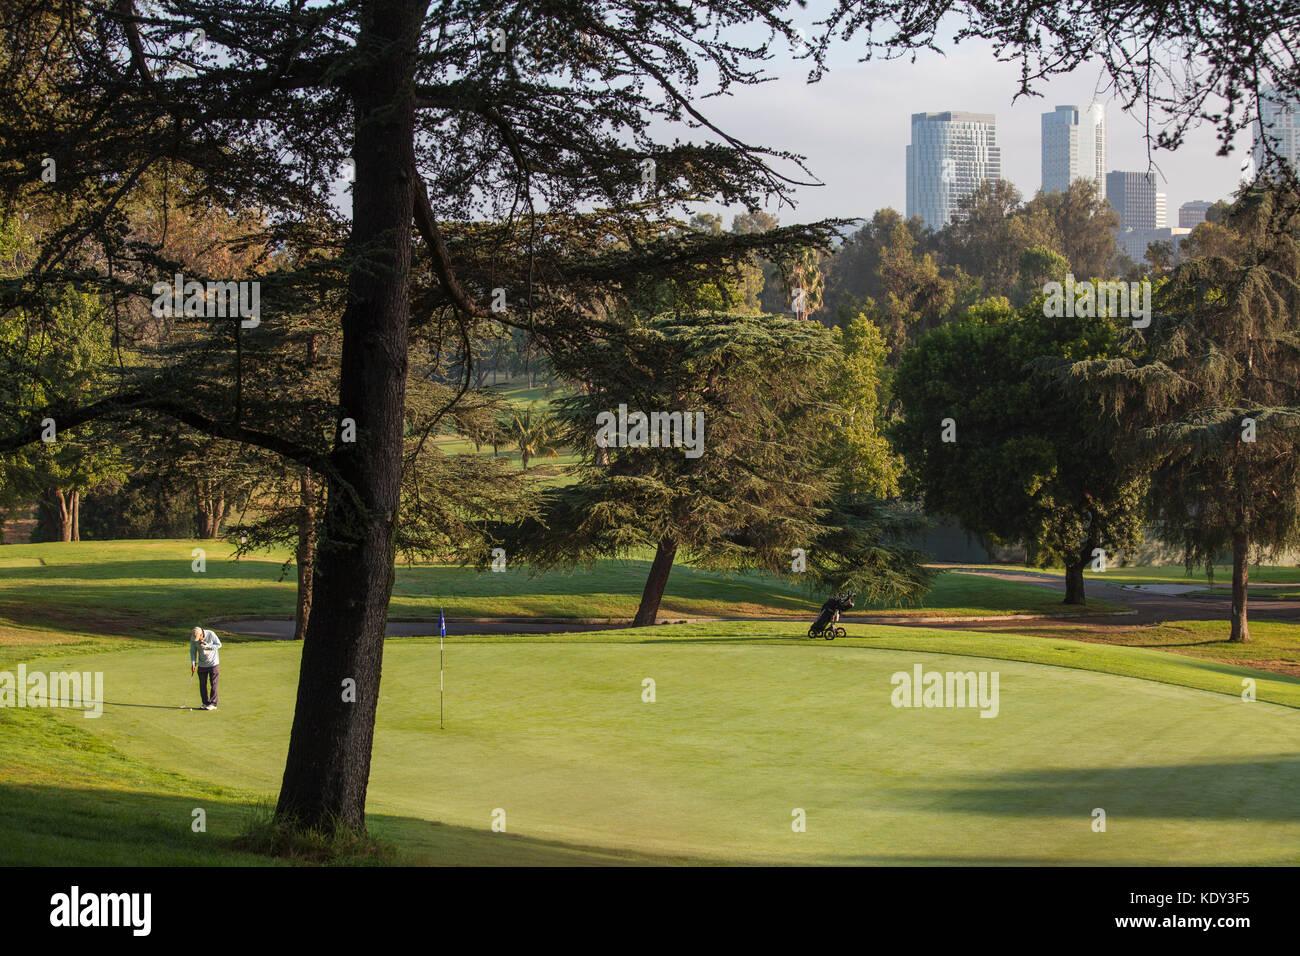 Rancho Park Golf Course, campos de golf y paisajismo son uno de los principales usuarios del agua. Los Ángeles, California, Estados Unidos. Foto de stock